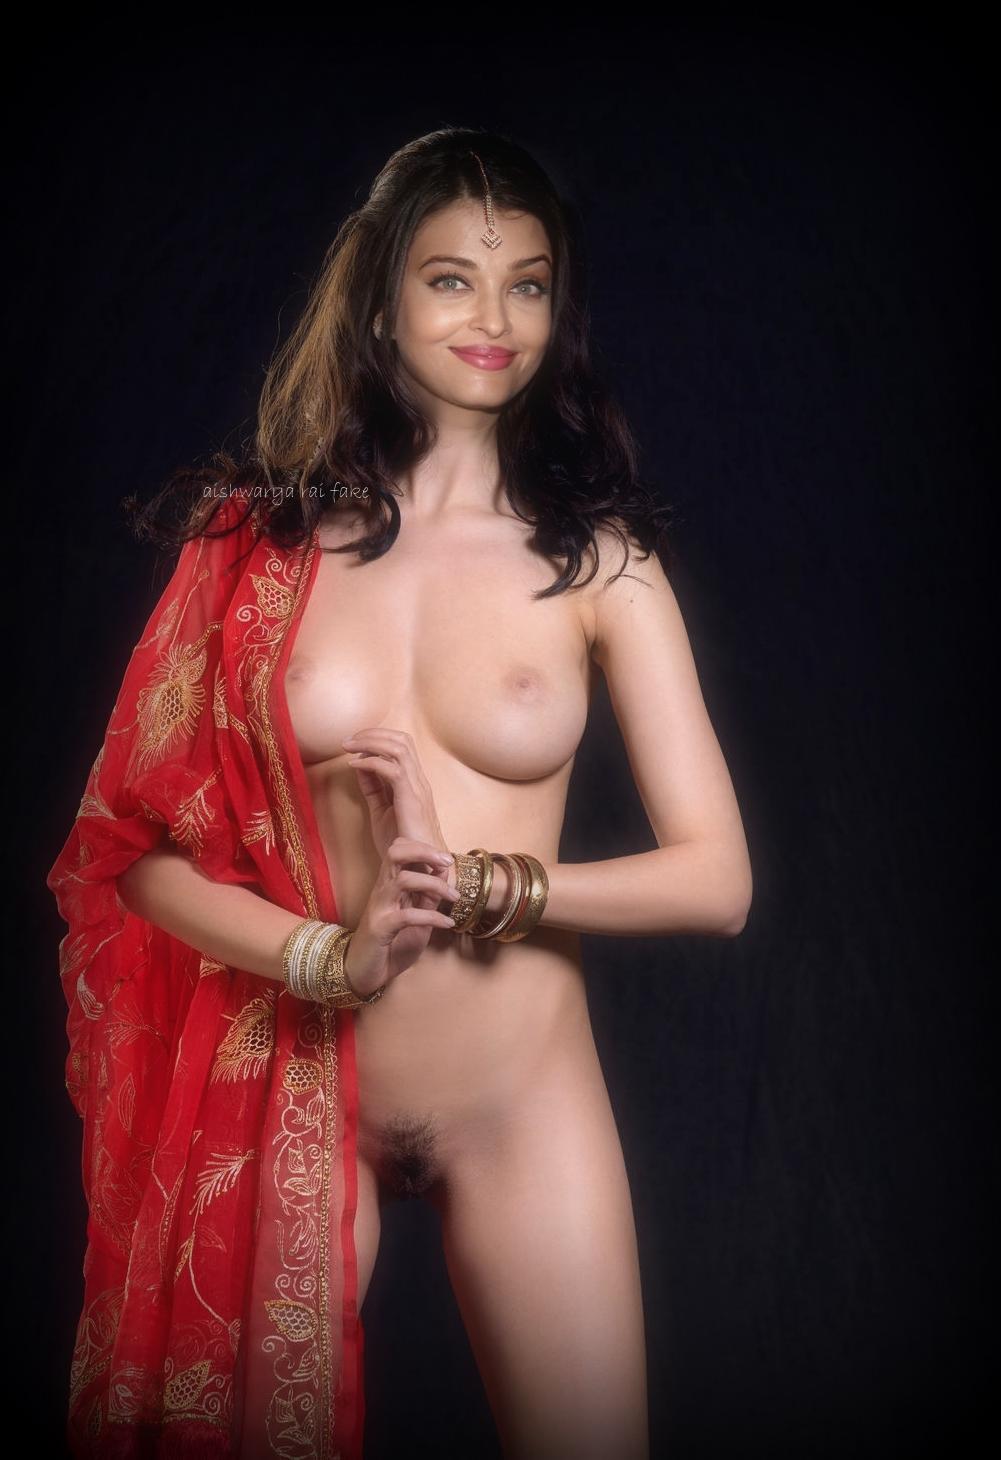 индийские девушки откровенное фото - 7